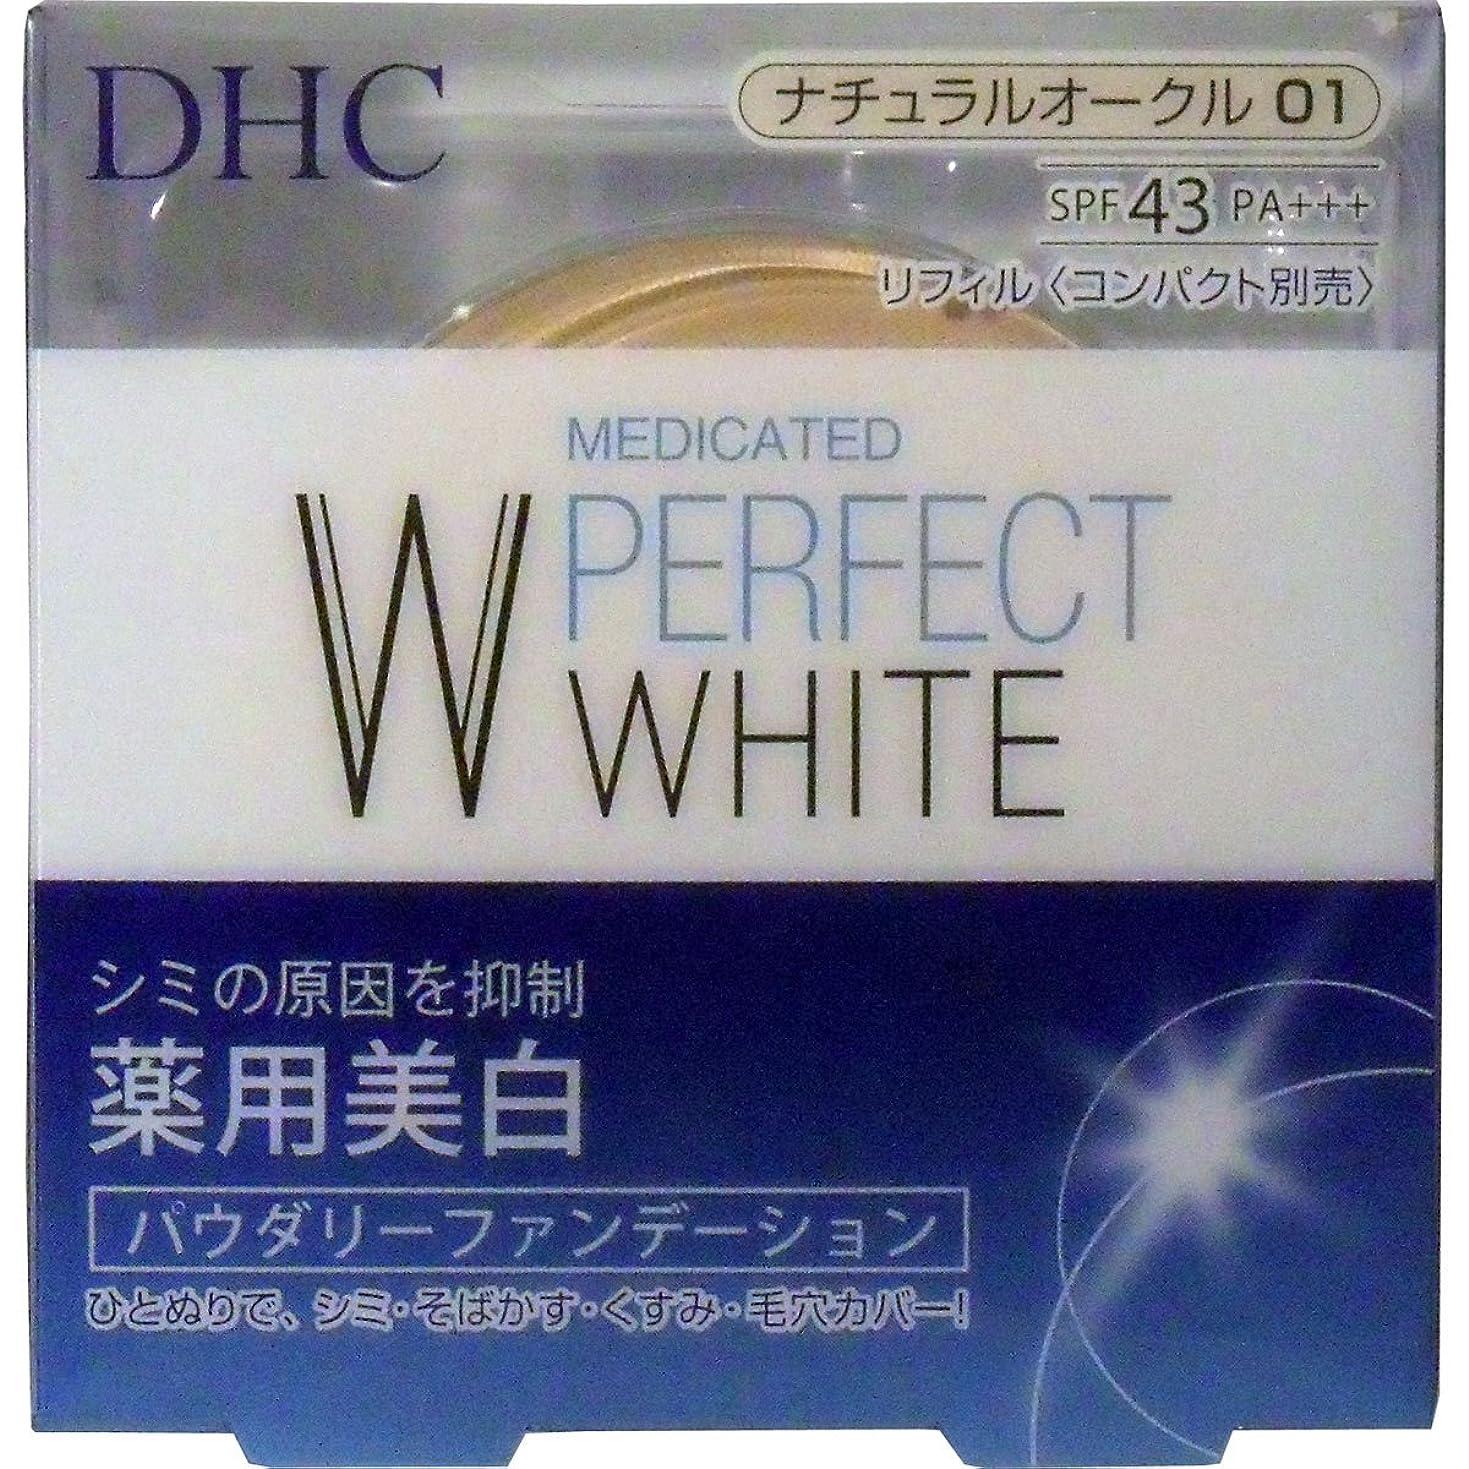 小包プール遅らせるDHC 薬用美白パーフェクトホワイト つけたての美しい透明感がずっと持続!パウダリーファンデーション ナチュラルオークル01 10g【4個セット】